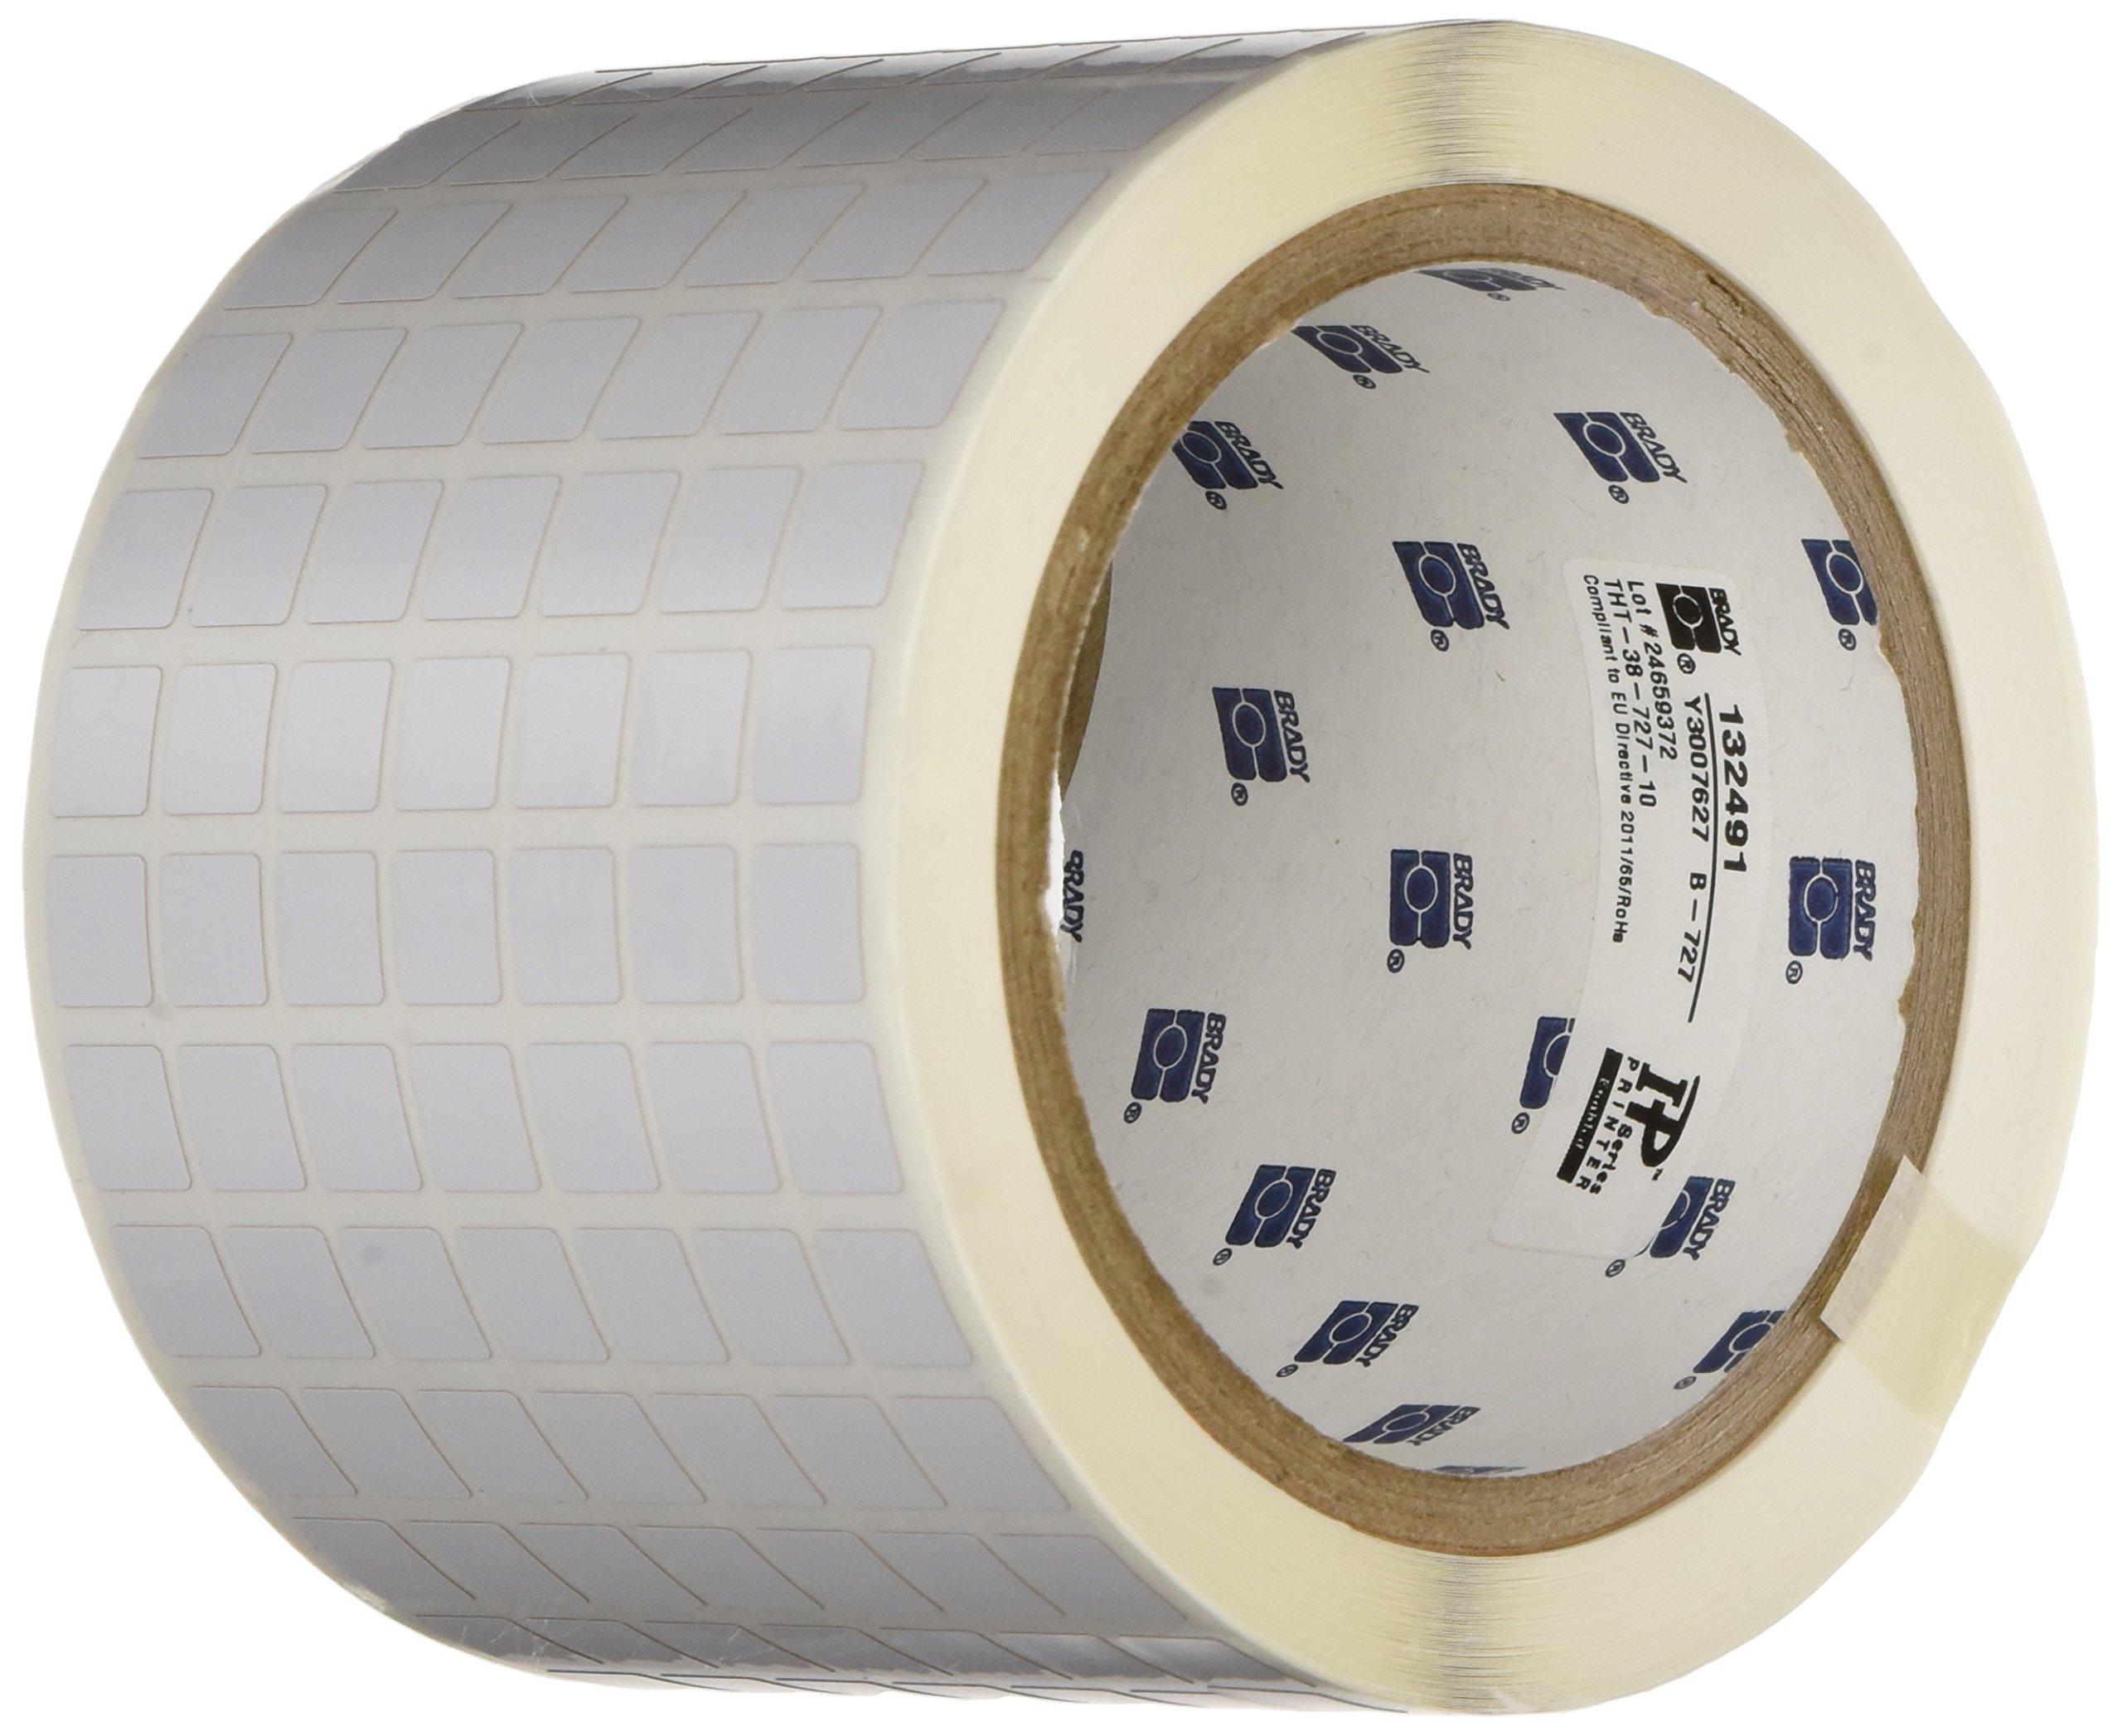 Brady THT-38-727-10 Thermal Transfer Printer Label, White